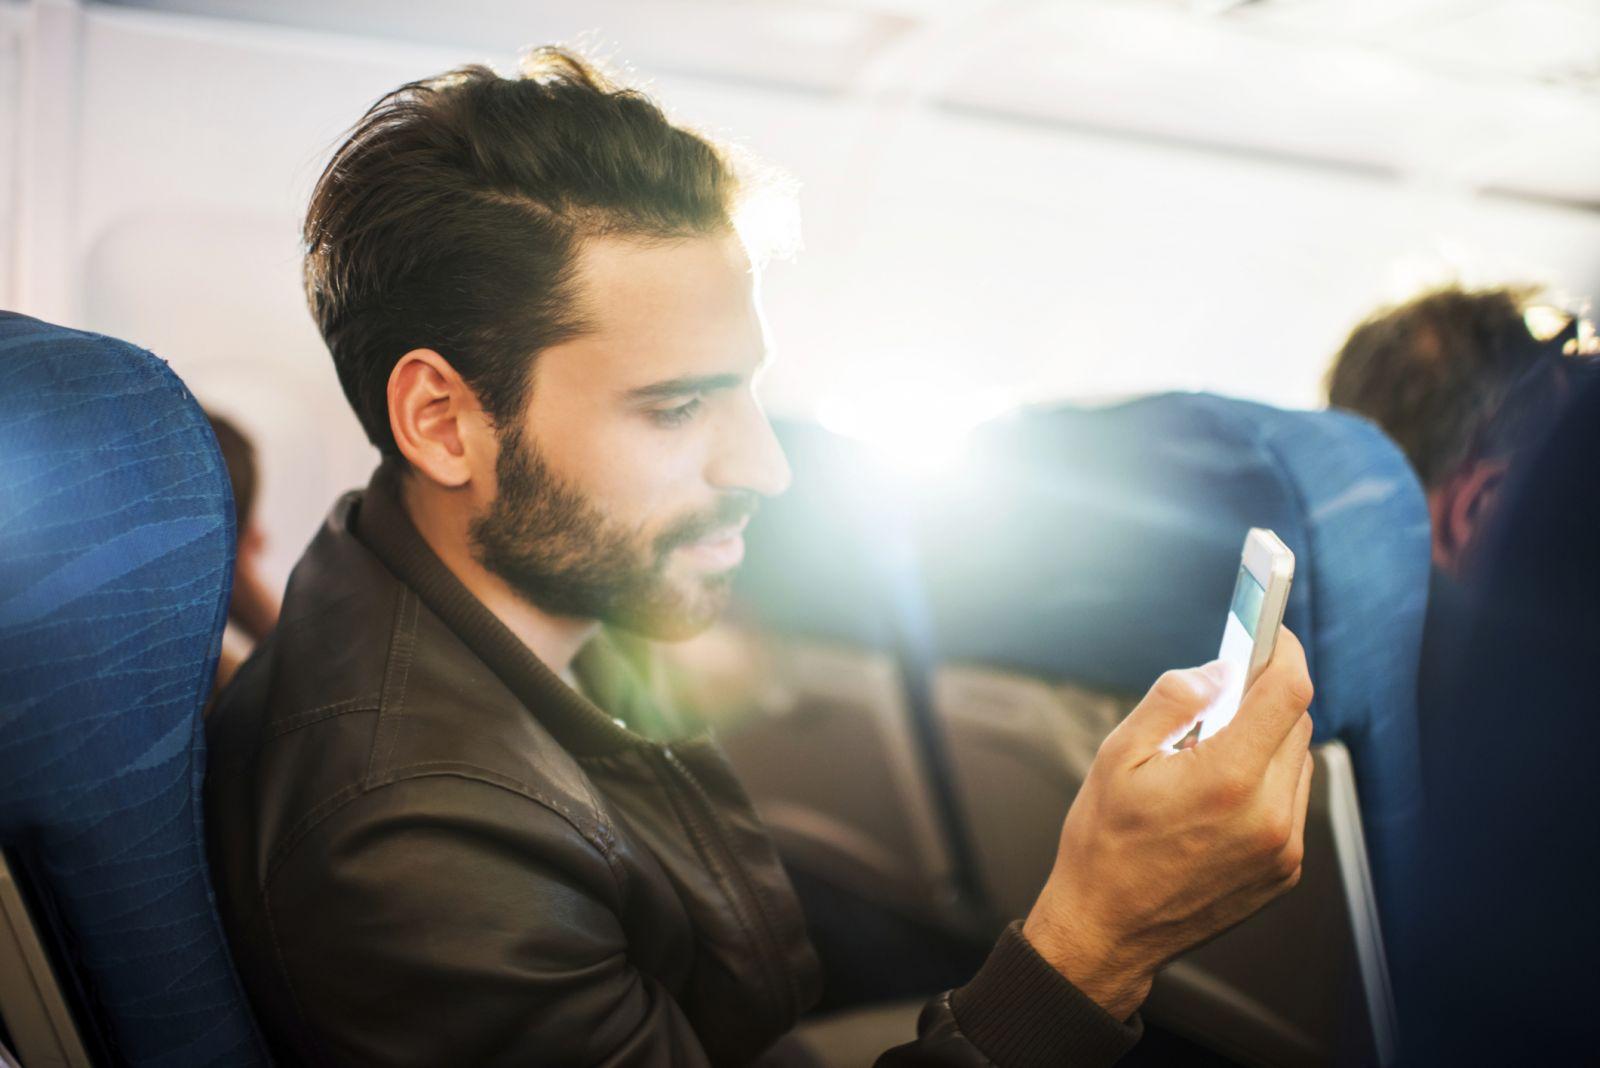 La conectividad es la prioridad de los pasajeros. Imagen: SITA.